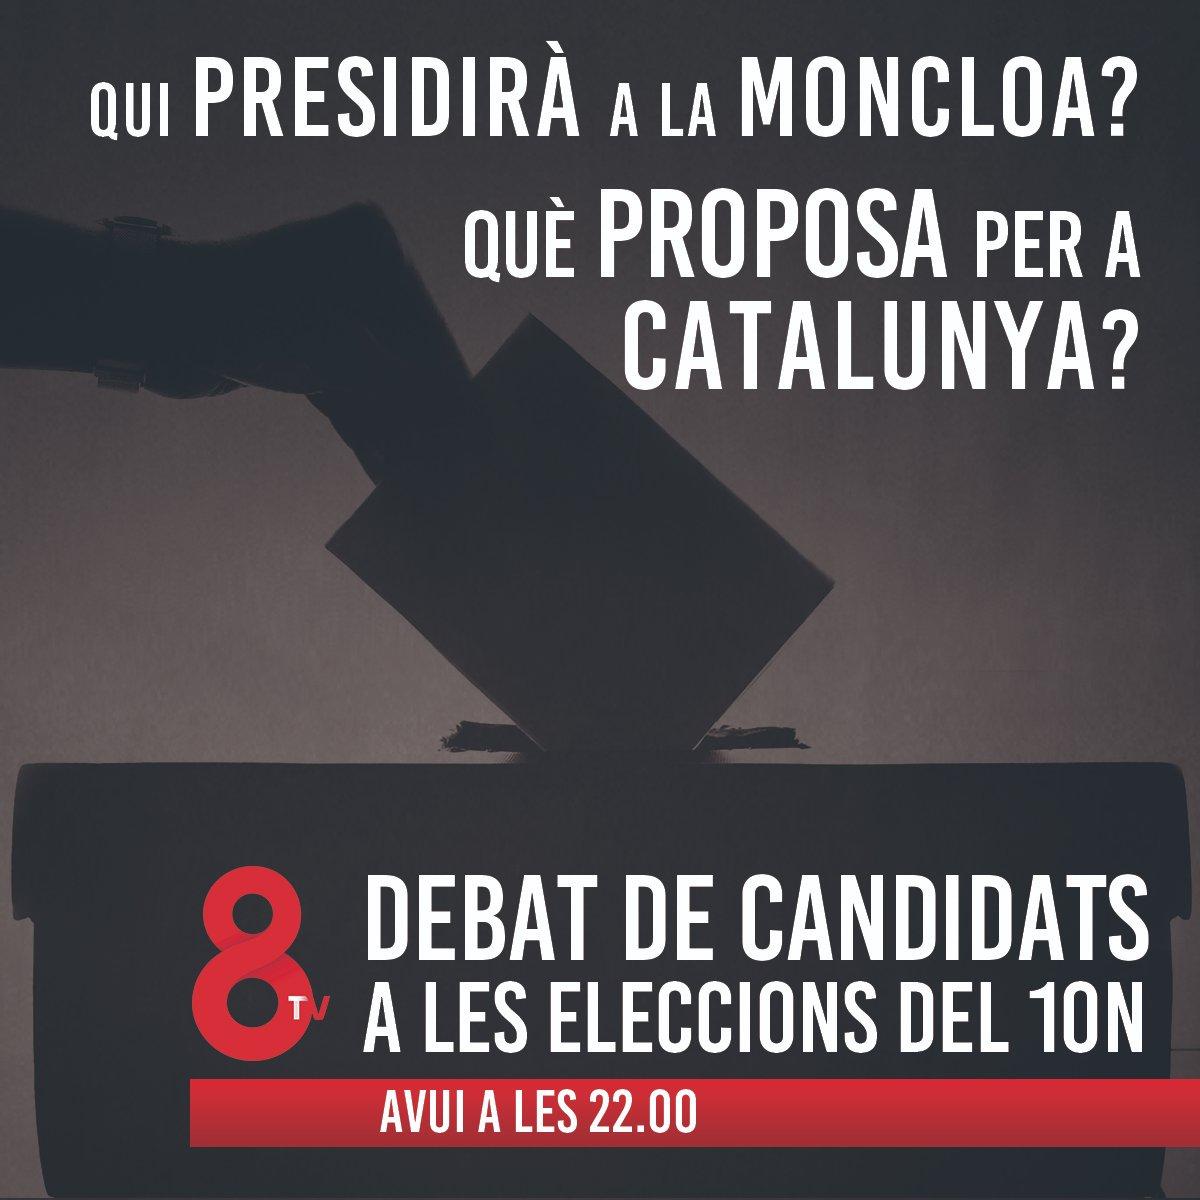 🗣️ La nit que comença la campanya de les eleccions del #10N🗳️ el debat de @BCNTribuna s'emet a @8tvcat.   Com valoren la situació actual? Què proposen per a Catalunya? Els candidats de les Generals per #Barcelona avui, a les 22.00h. https://t.co/Doa4cdpBiC